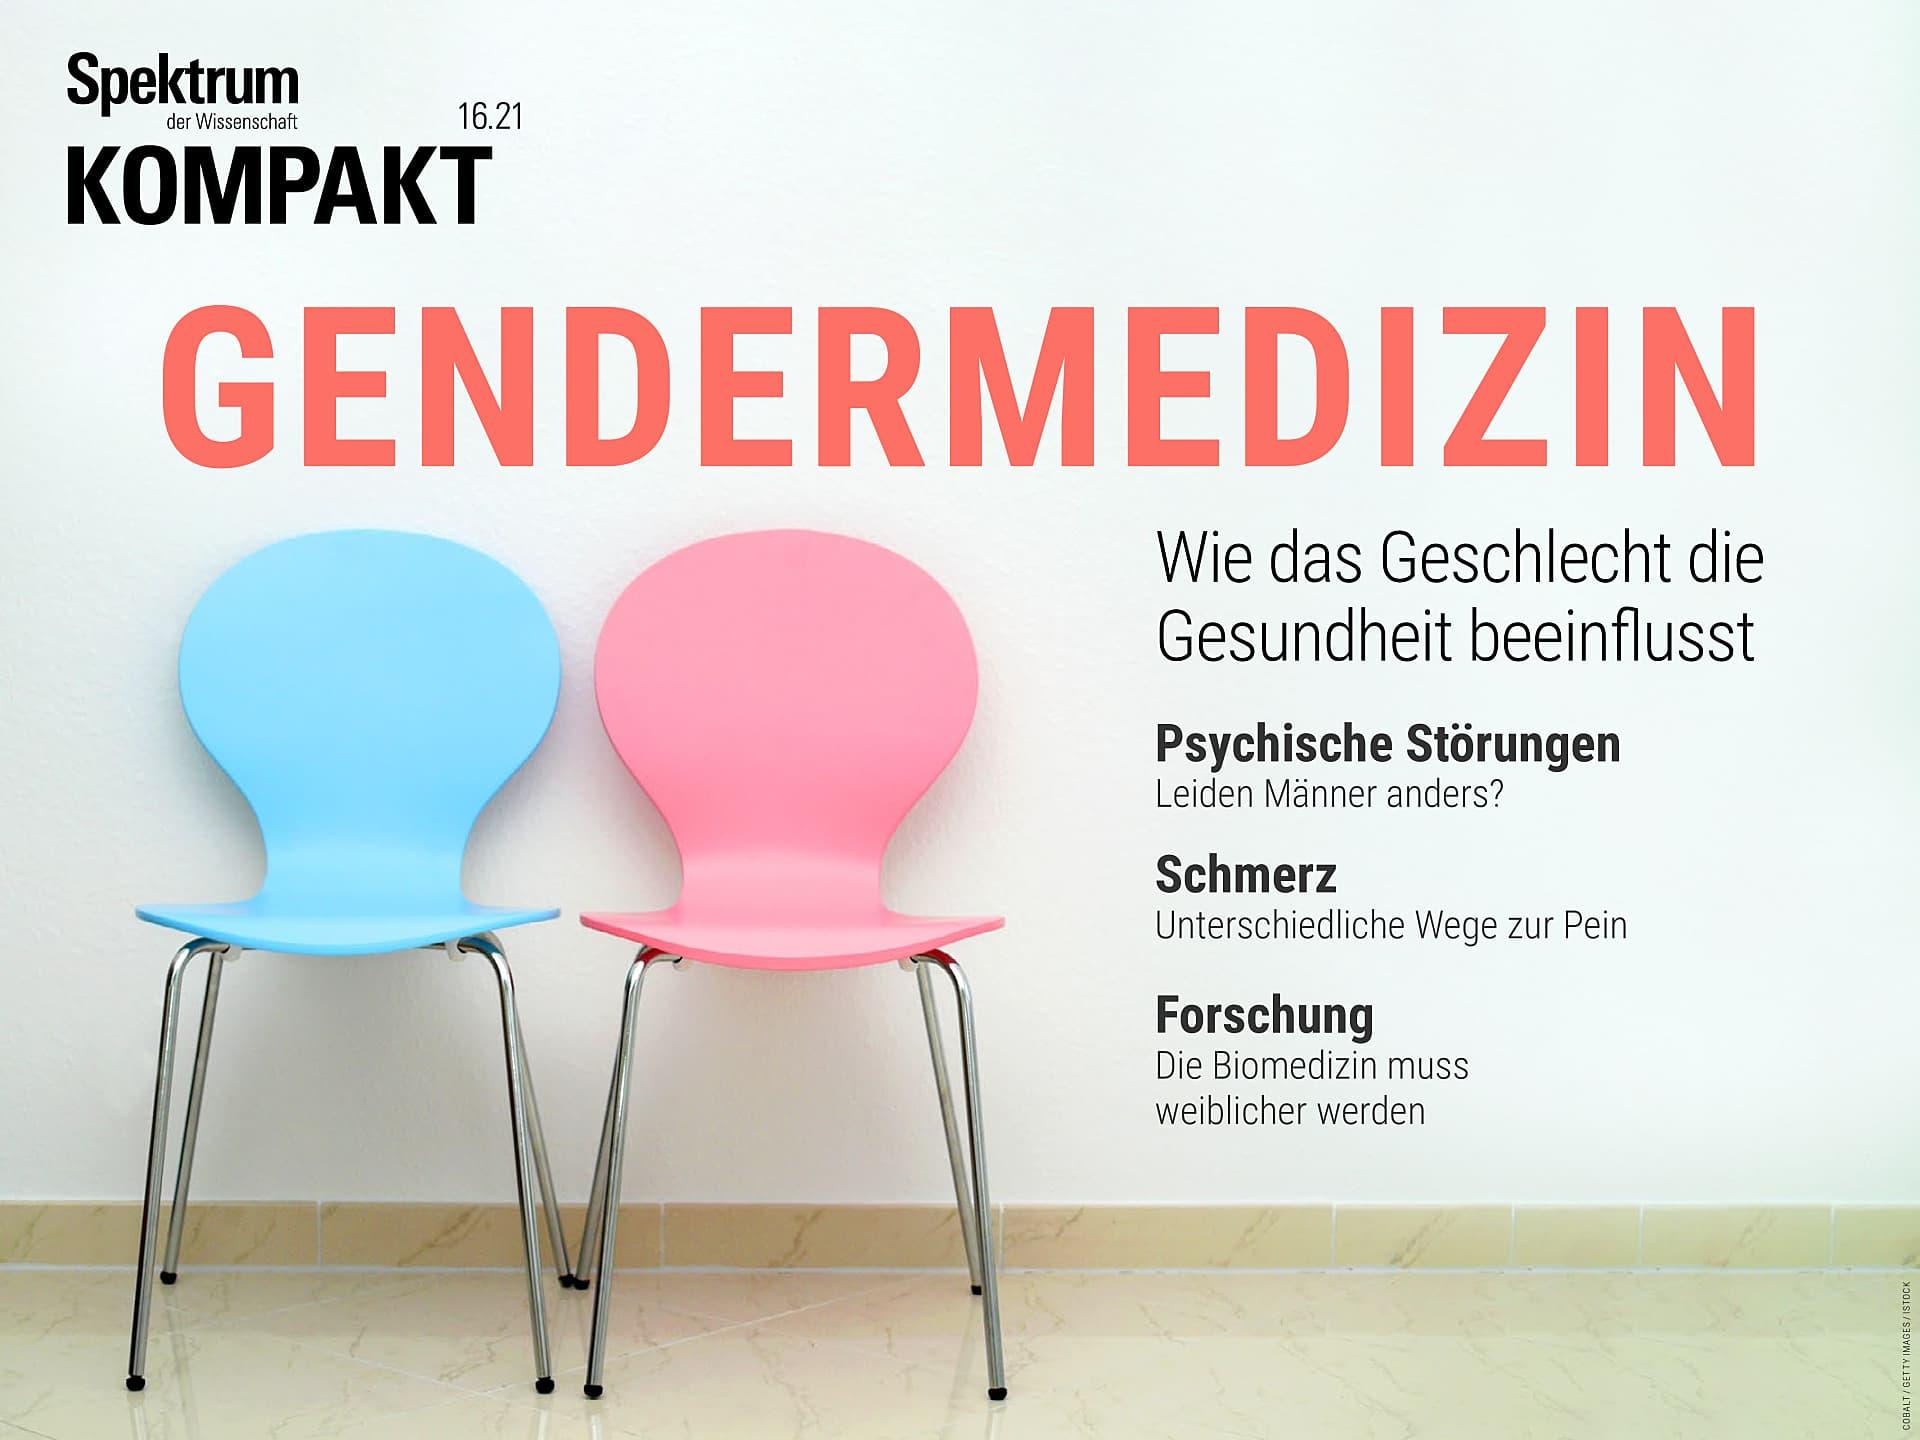 Gendermedizin - Wie das Geschlecht die Gesundheit beeinflusst